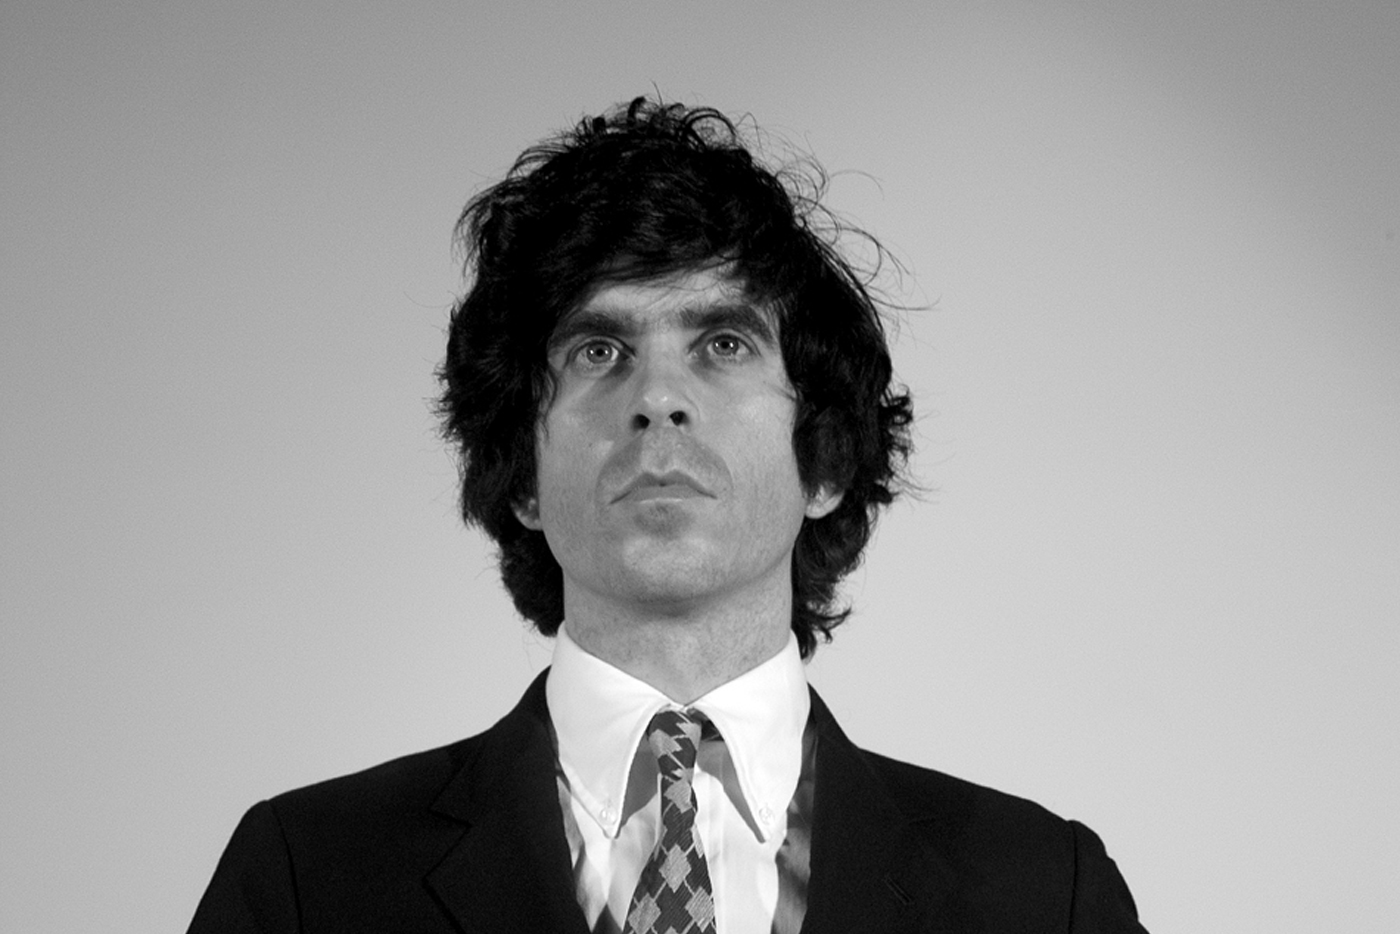 Ian Svenonius